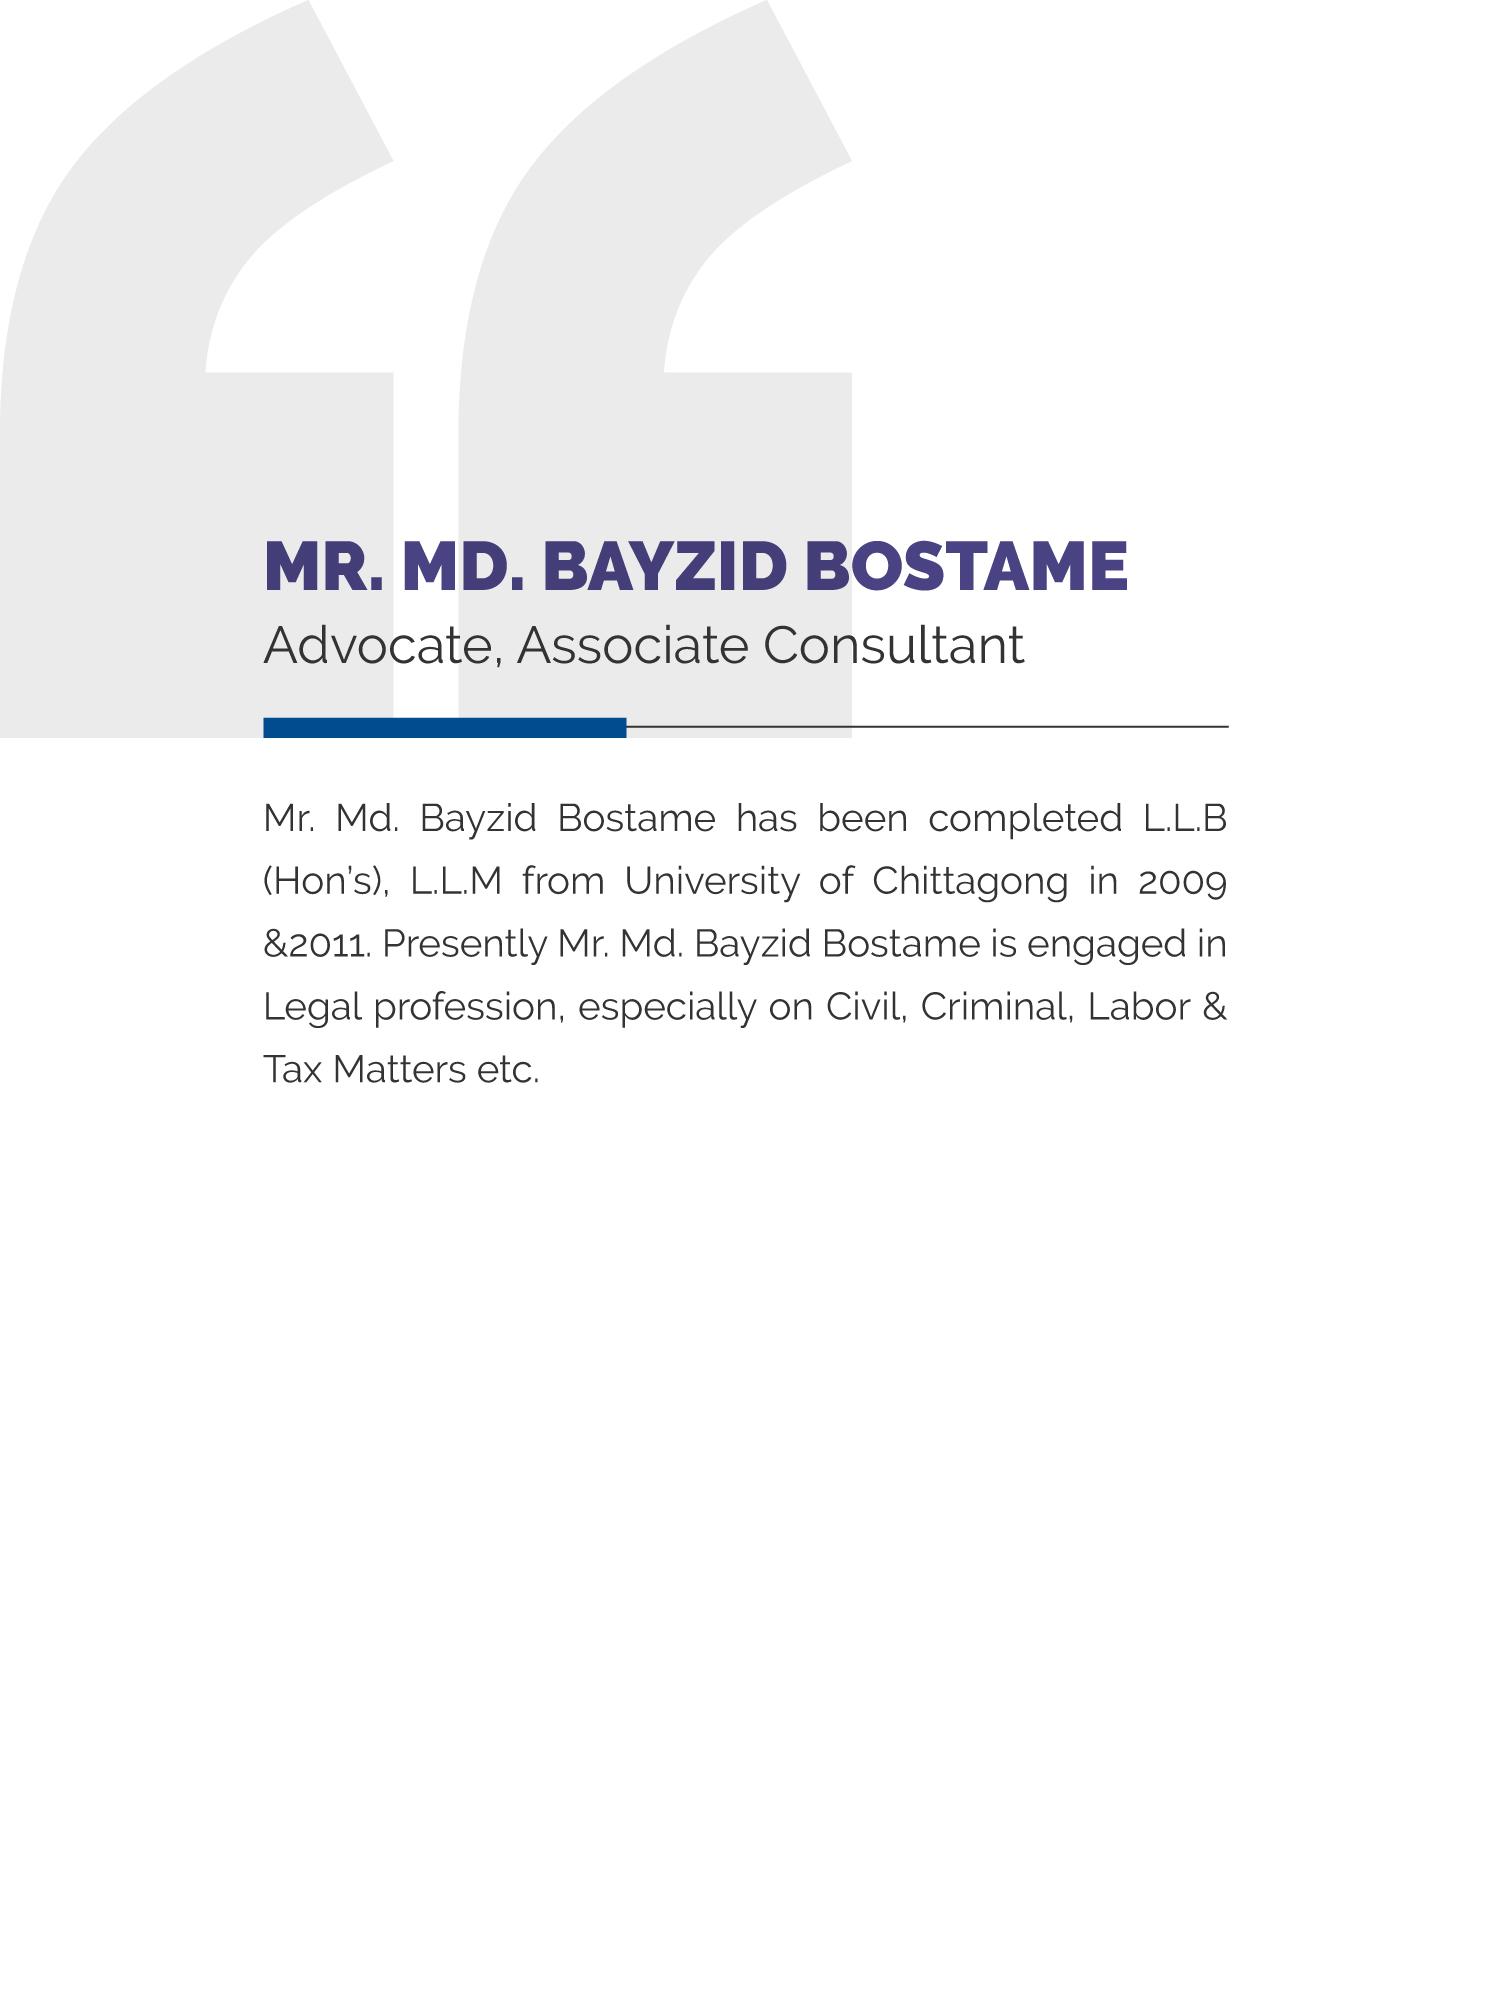 Bayzid-Bostami-01